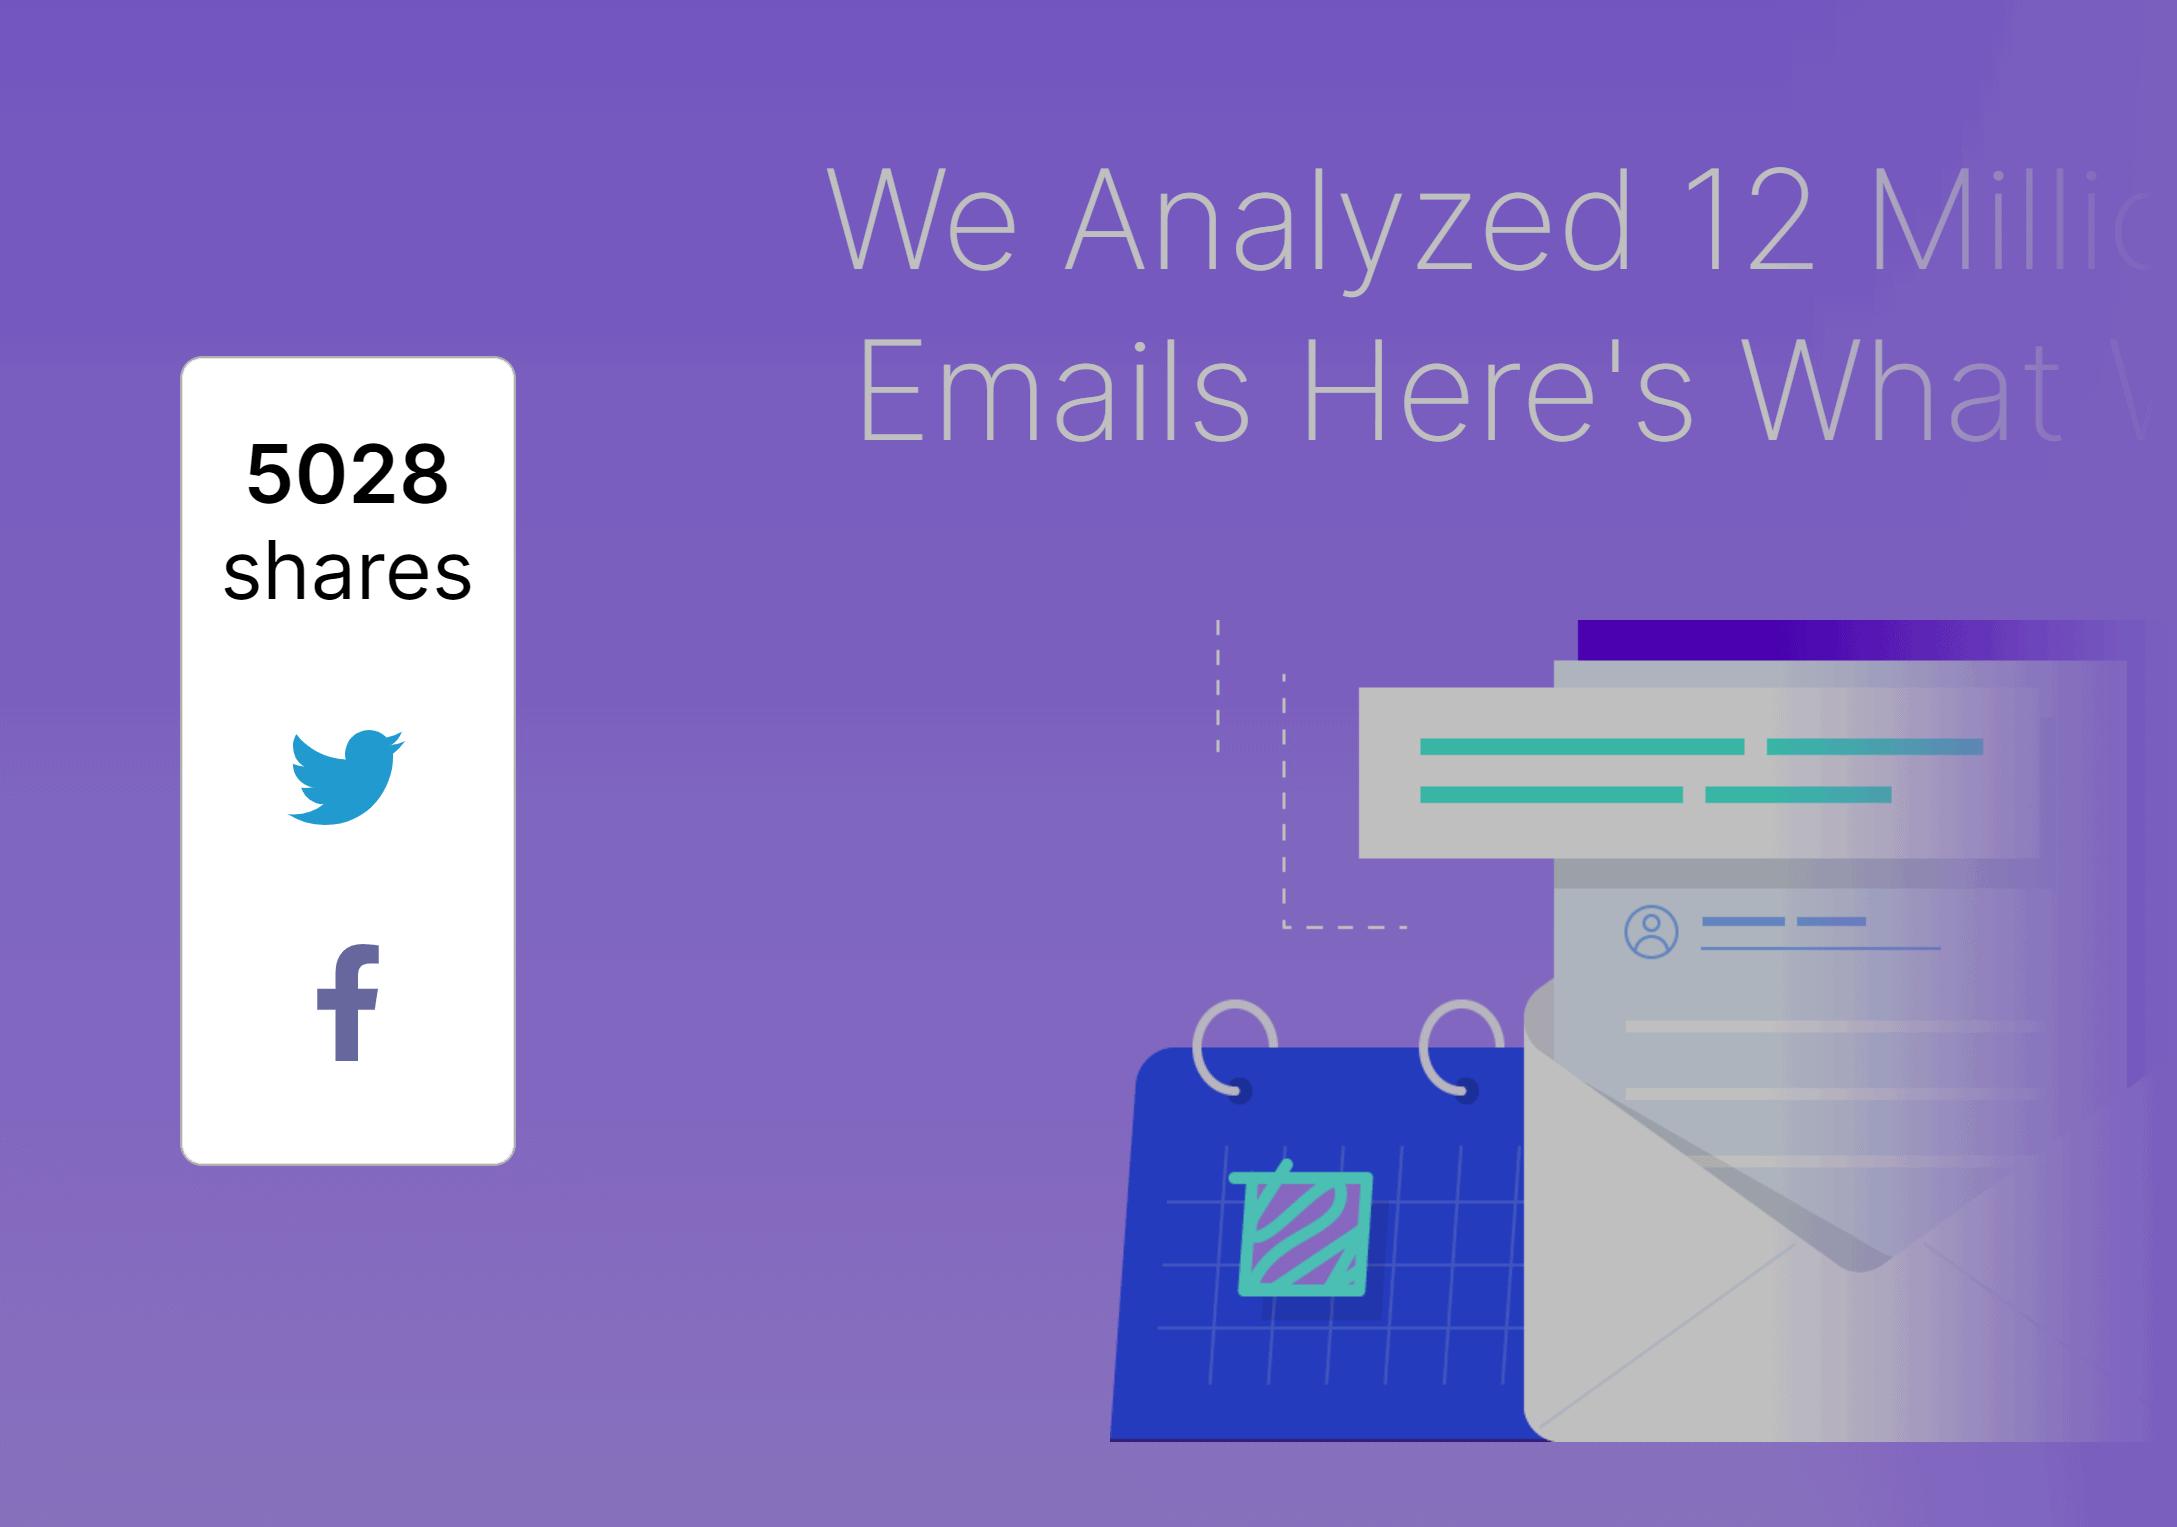 Email outreach study – Social shares